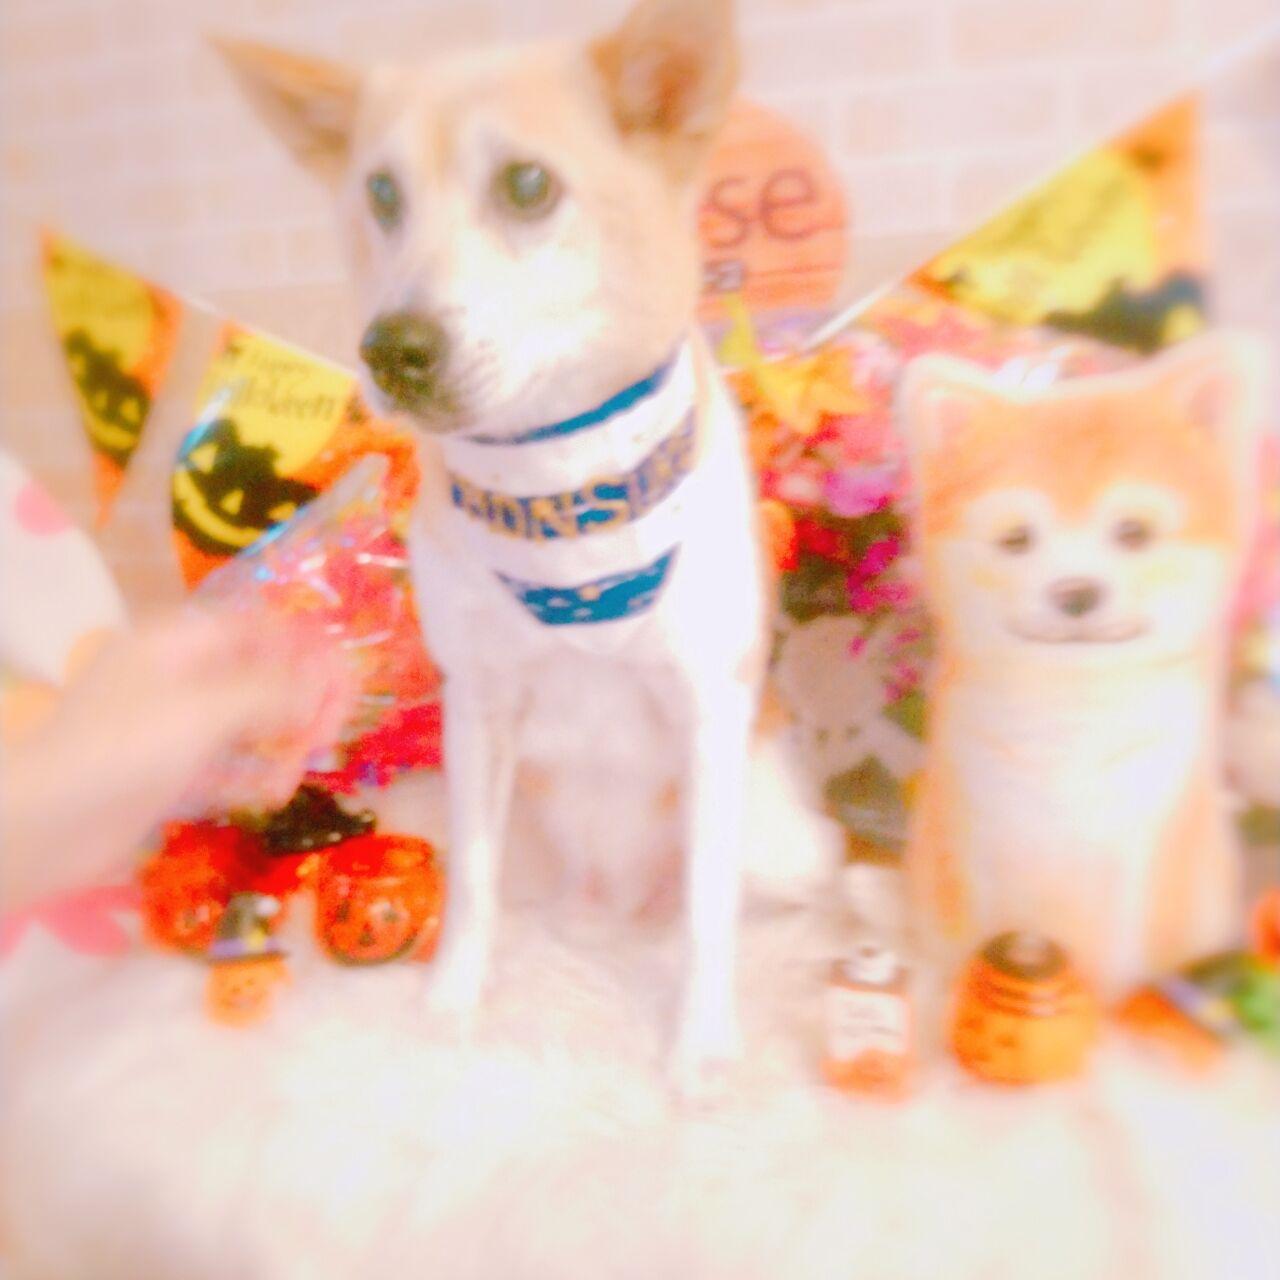 20-10-04-15-25-44-585_photo